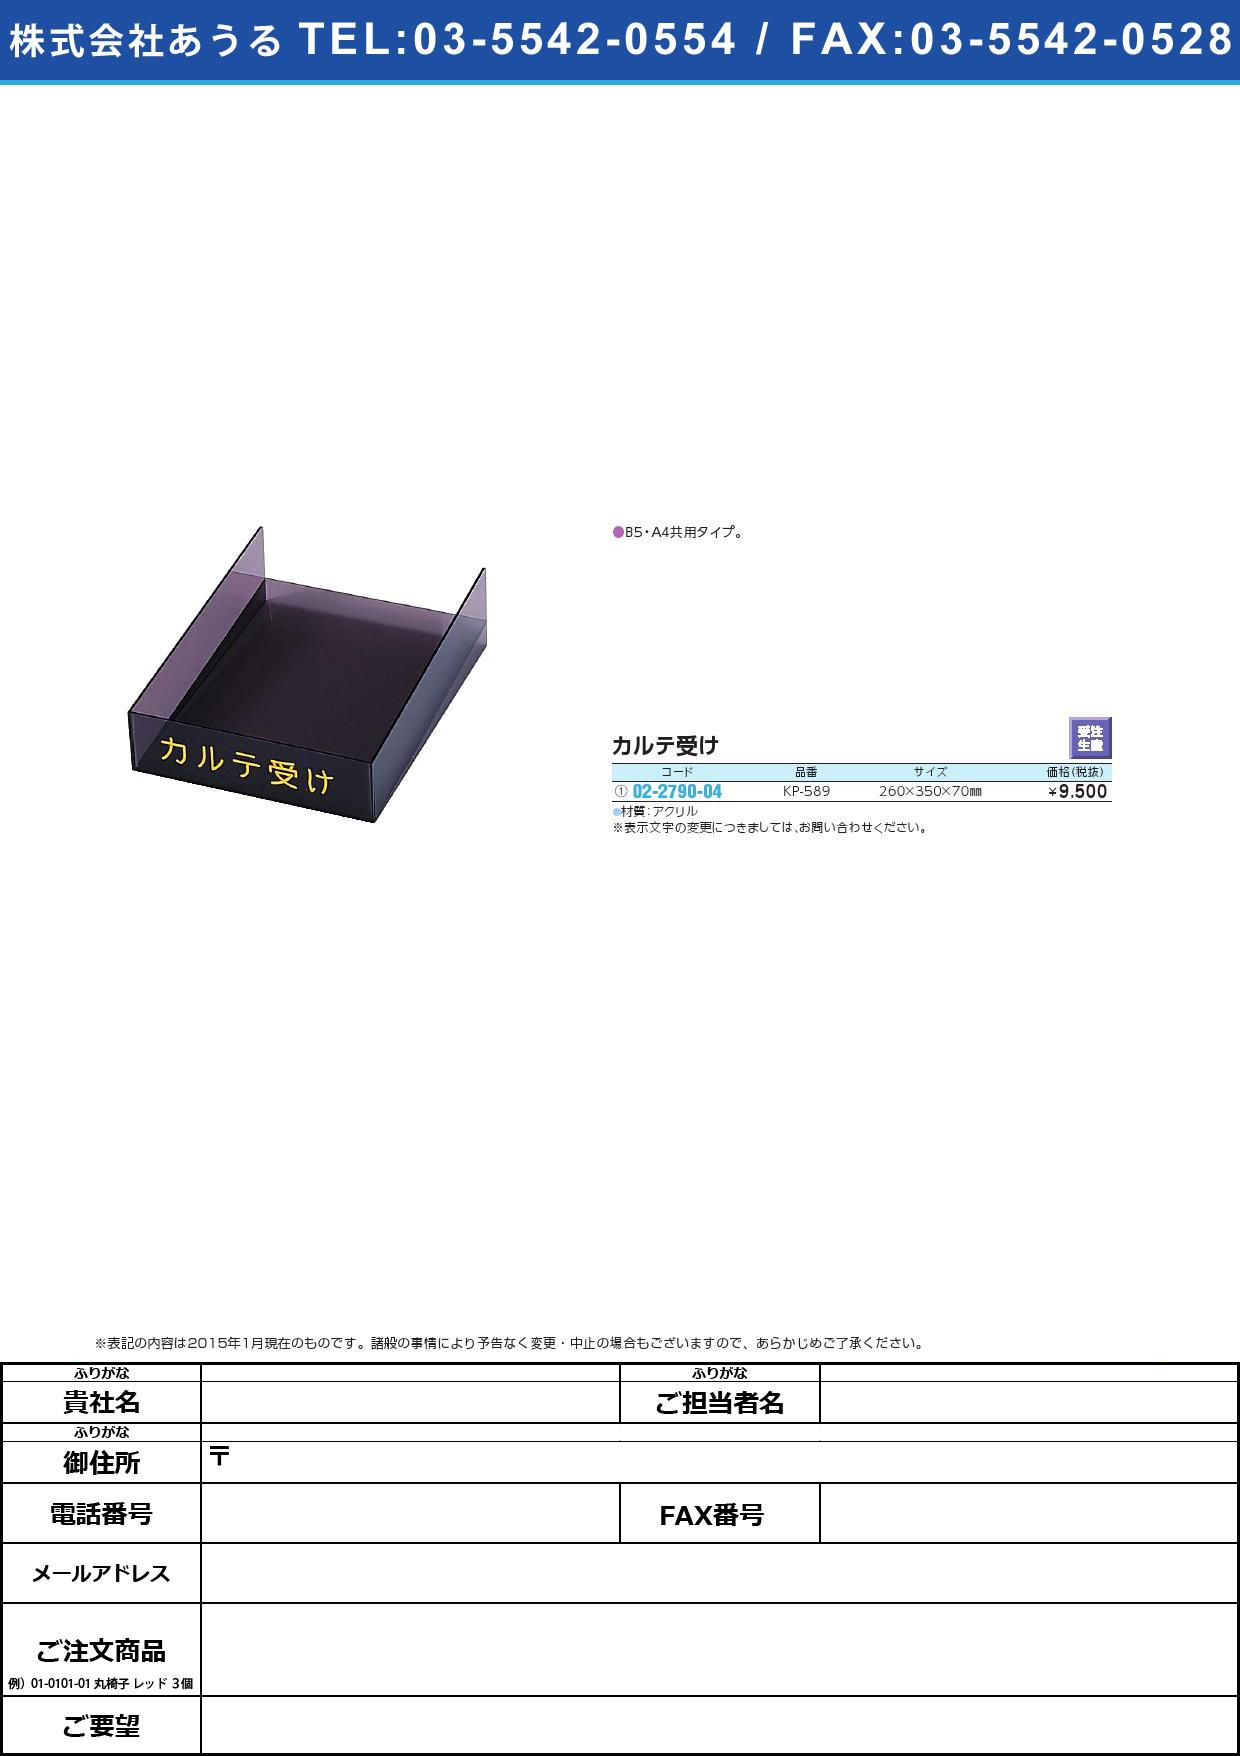 【受注生産】カルテ受け(アクリル) KP589 KP-589(B5・A4キョウヨウ)【1個単位】(02-2790-04)